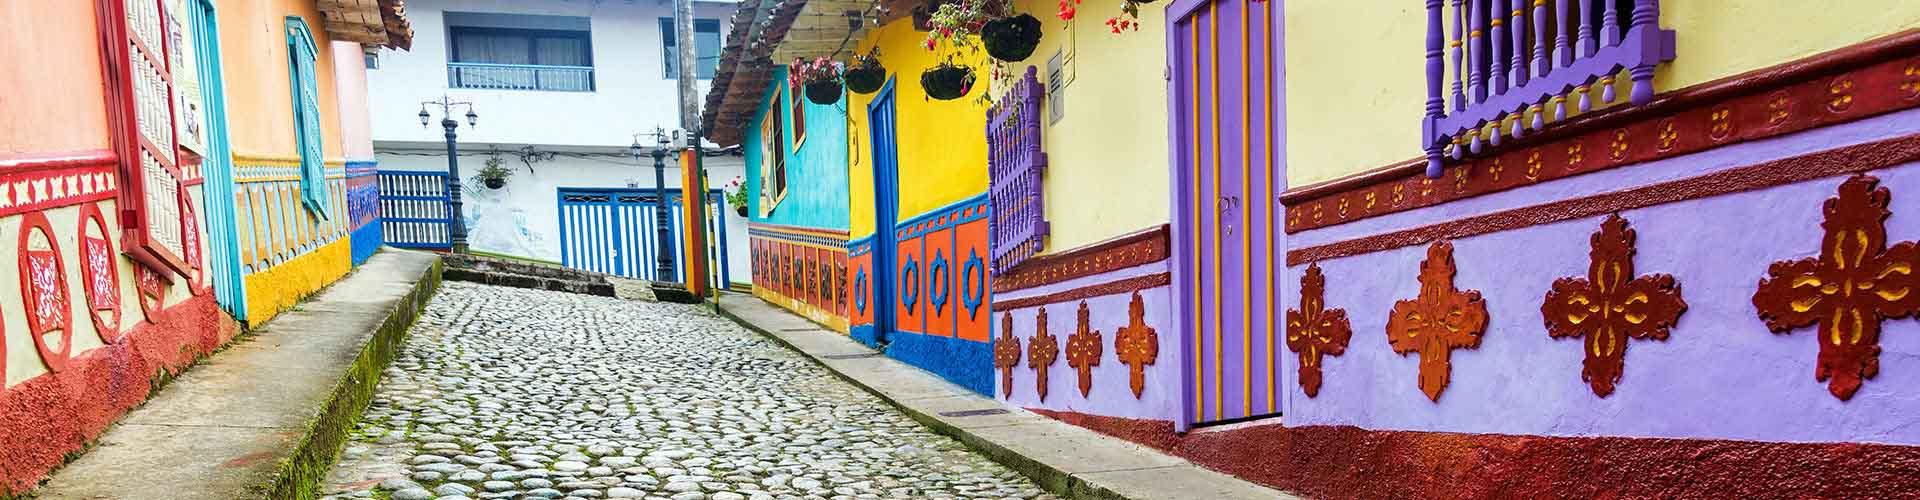 Medellin - Hostelů v Medellin. Mapy pro Medellin, fotky a recenze pro každý hostel v Medellin.